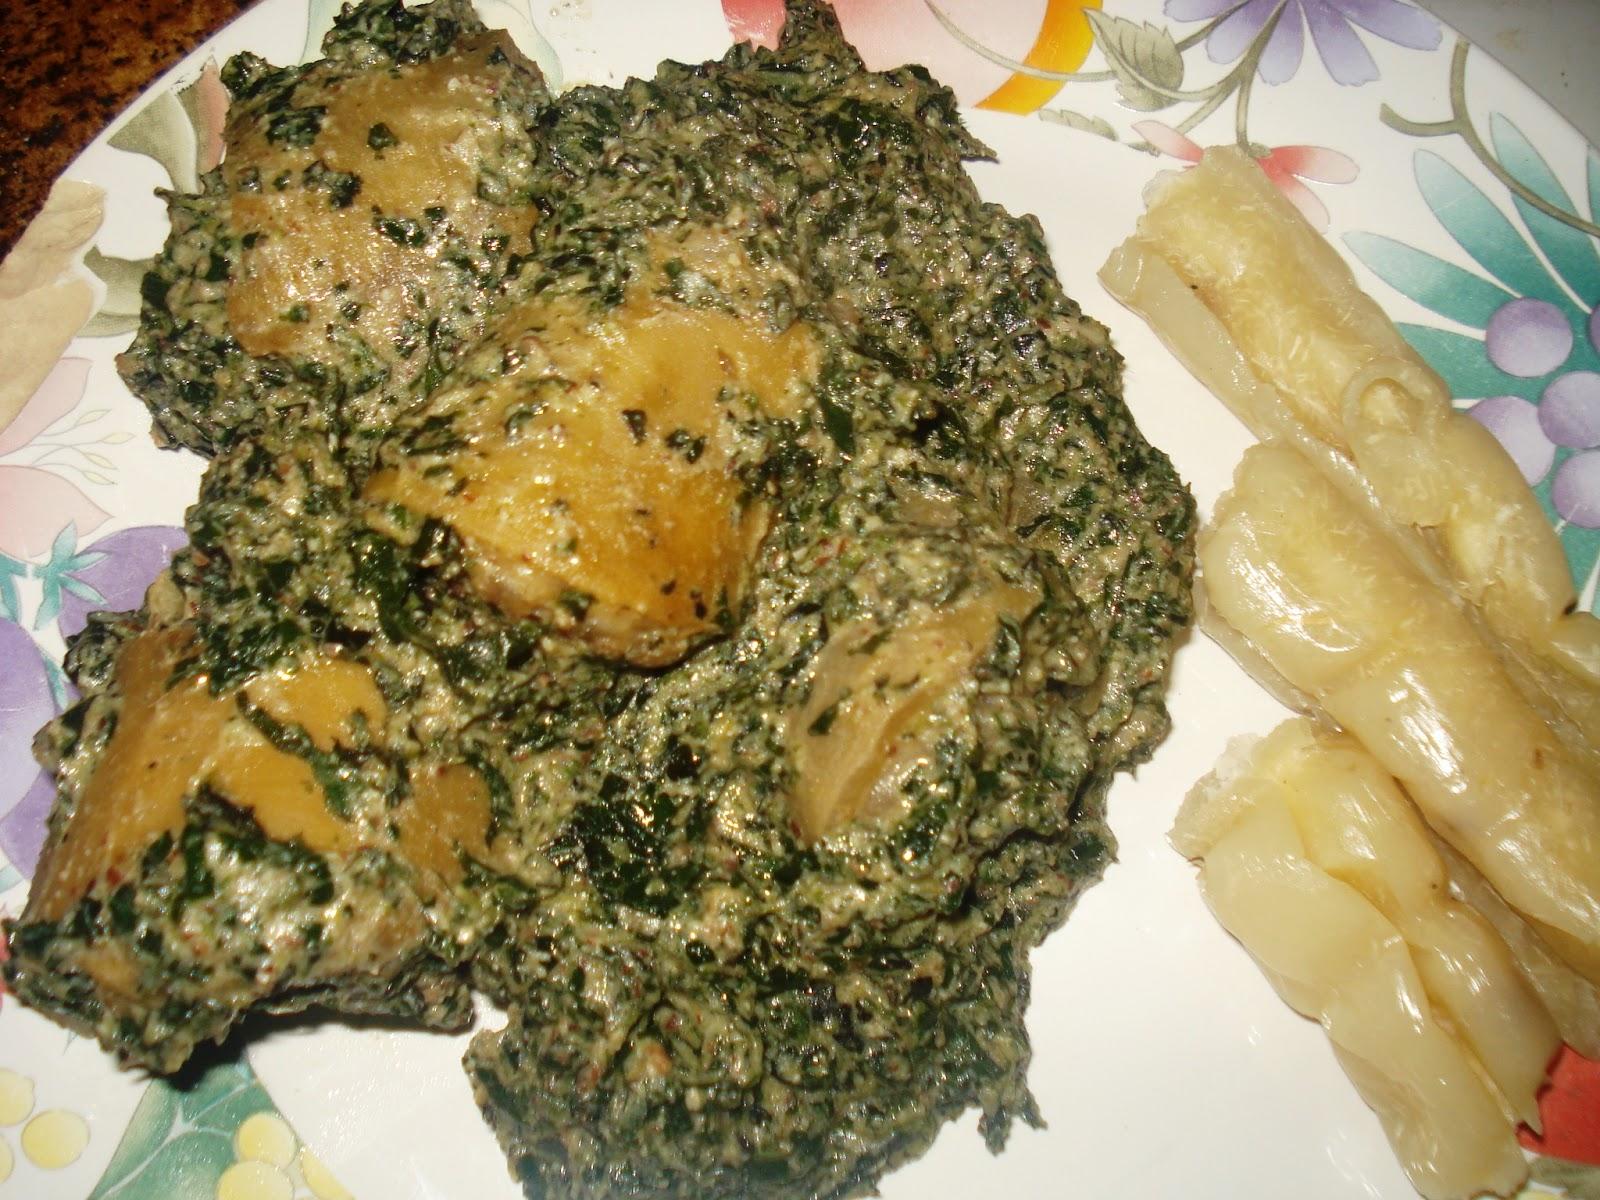 Ndole la queue de boeuf la cuisine camerounaise - Cuisine africaine camerounaise ...